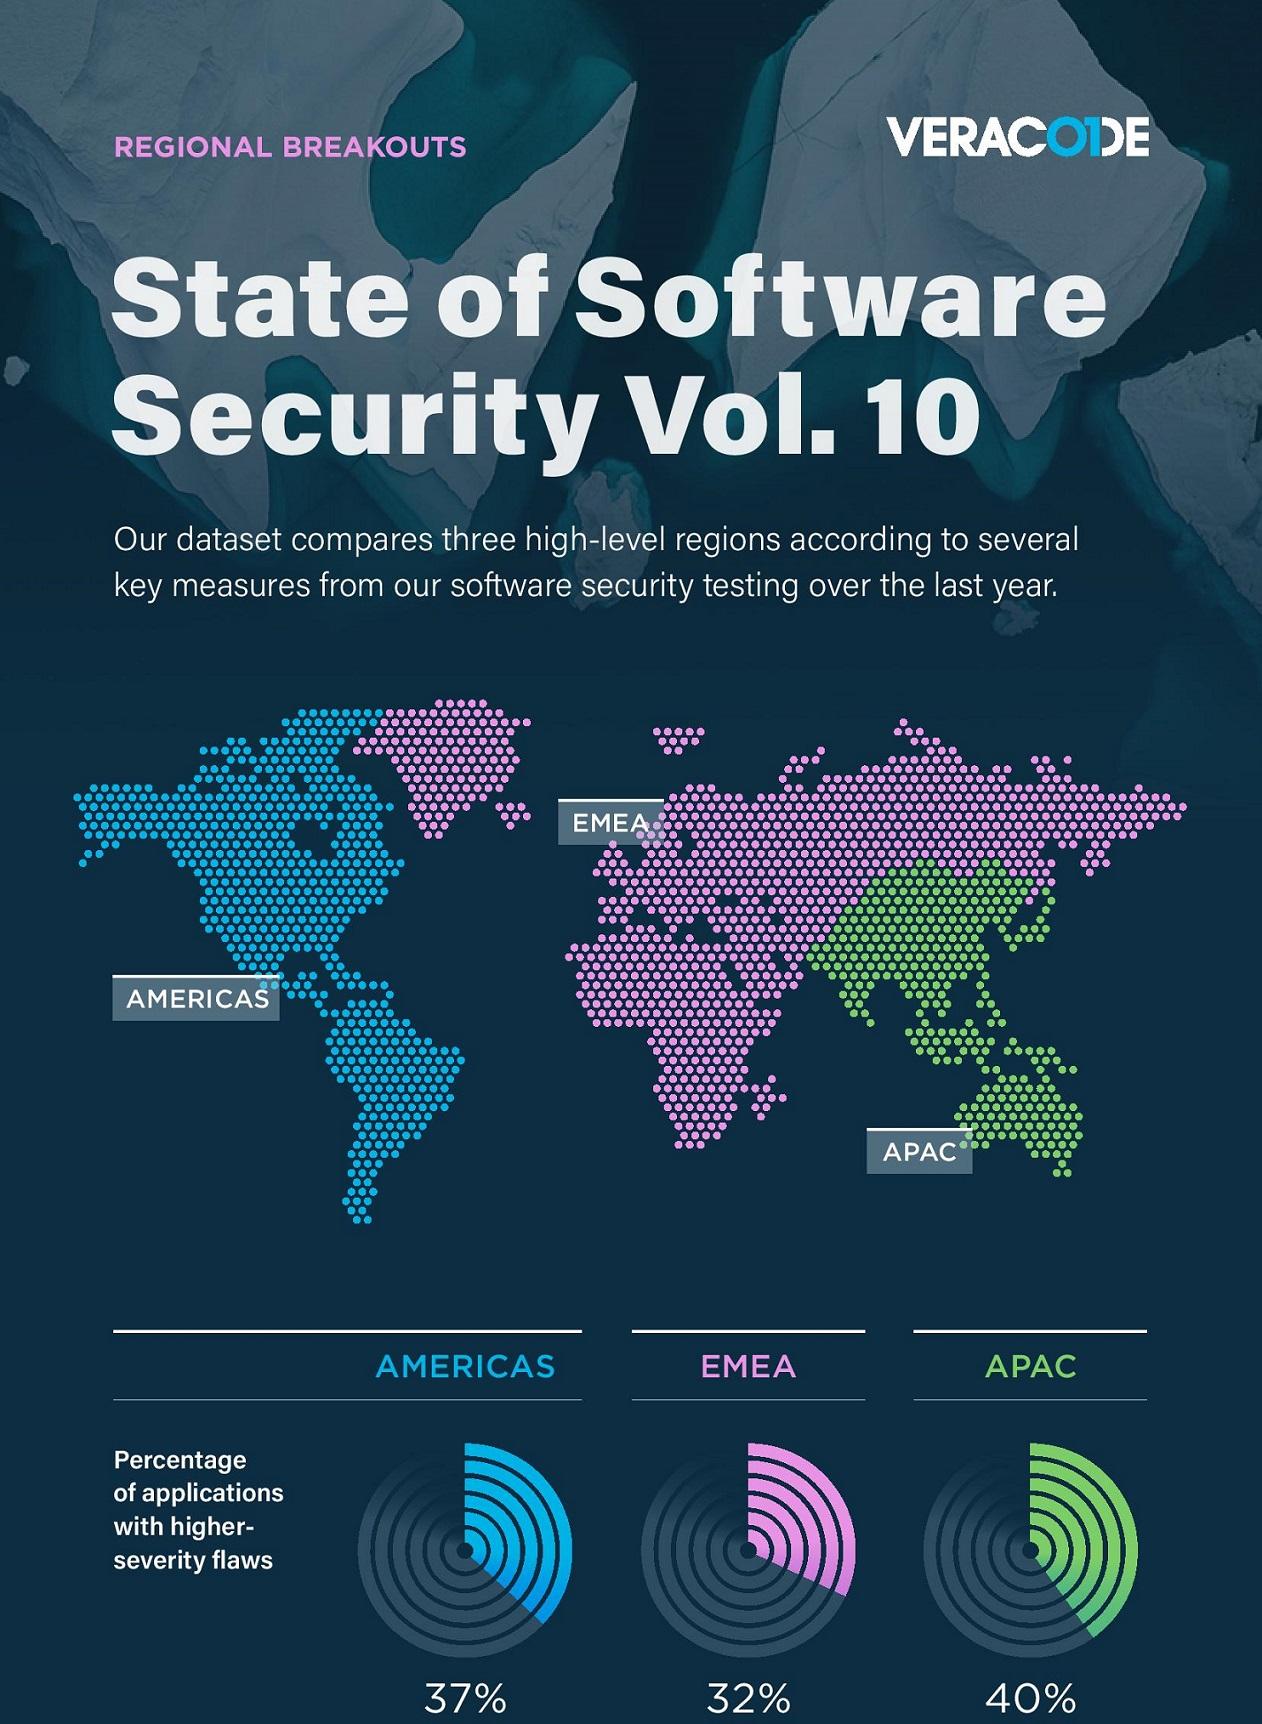 Etat des logiciels de sécurité Vol.10 : Analyses Régionales